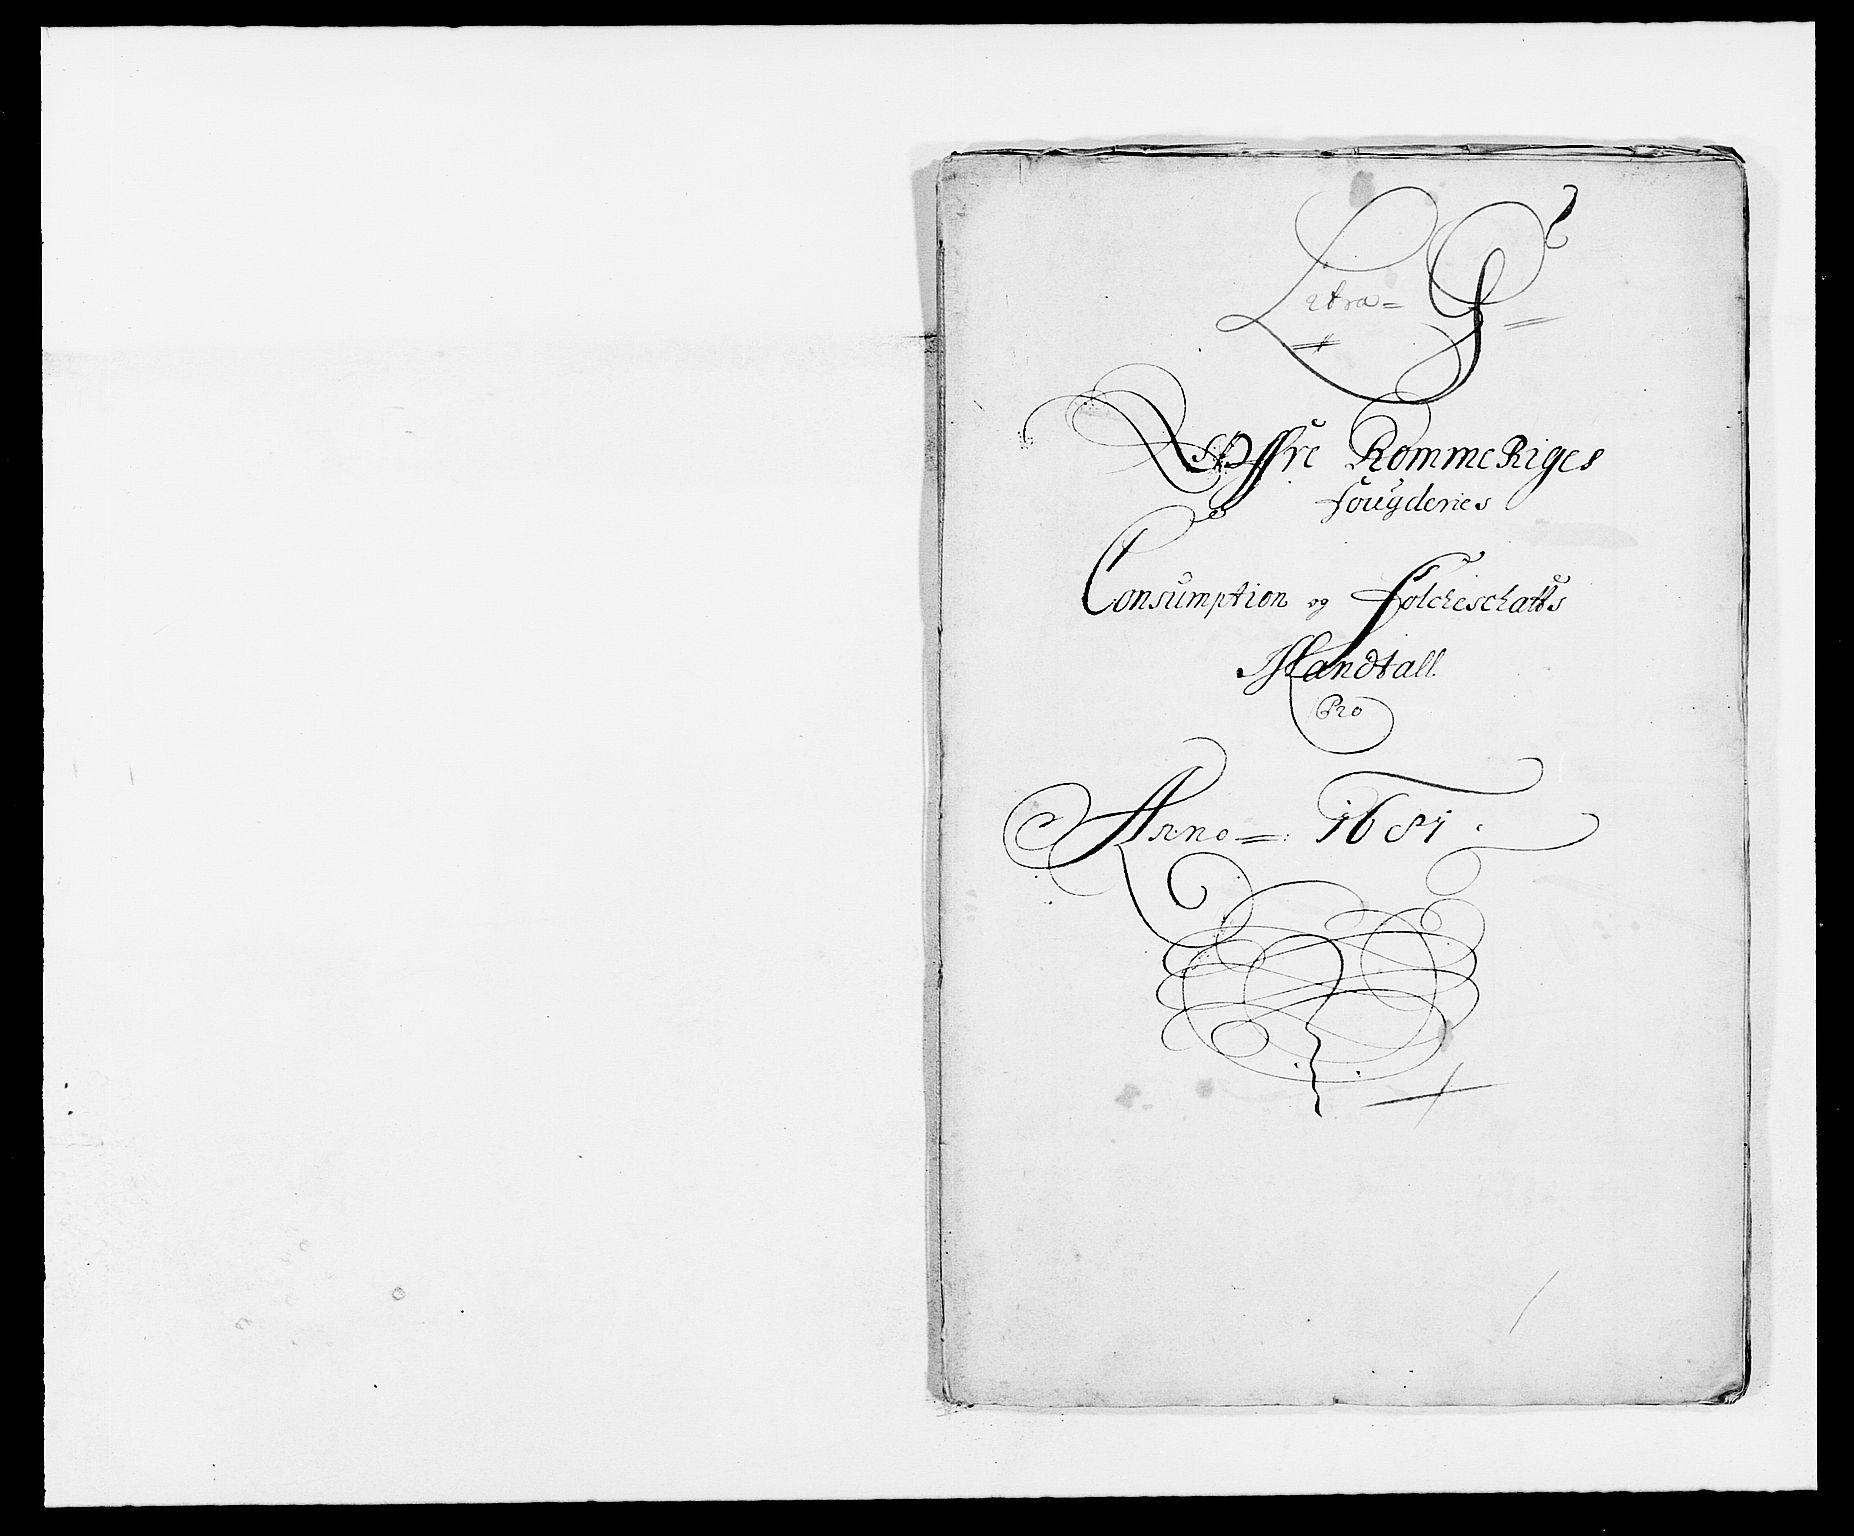 RA, Rentekammeret inntil 1814, Reviderte regnskaper, Fogderegnskap, R12/L0696: Fogderegnskap Øvre Romerike, 1681, s. 205